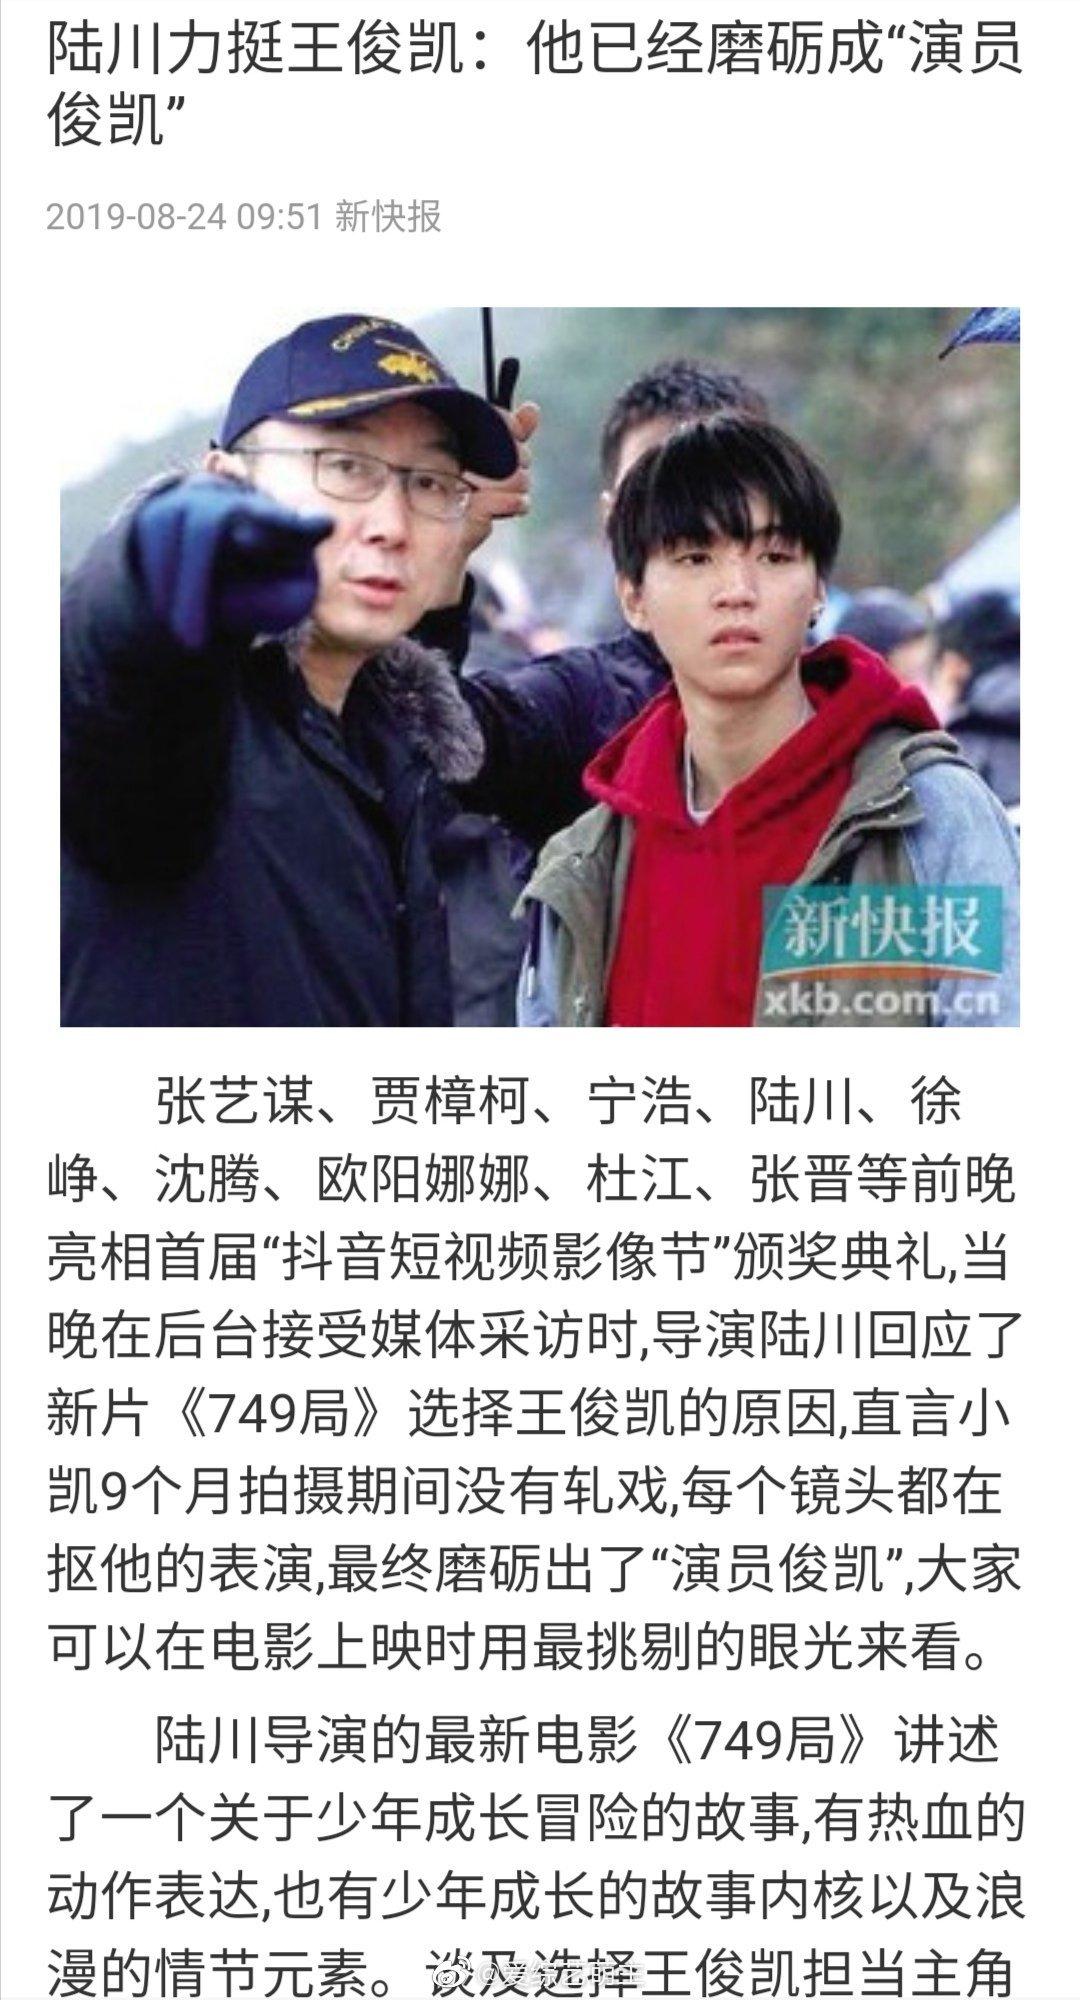 陆川力挺王俊凯:直言小凯9个月拍摄期间没有轧戏